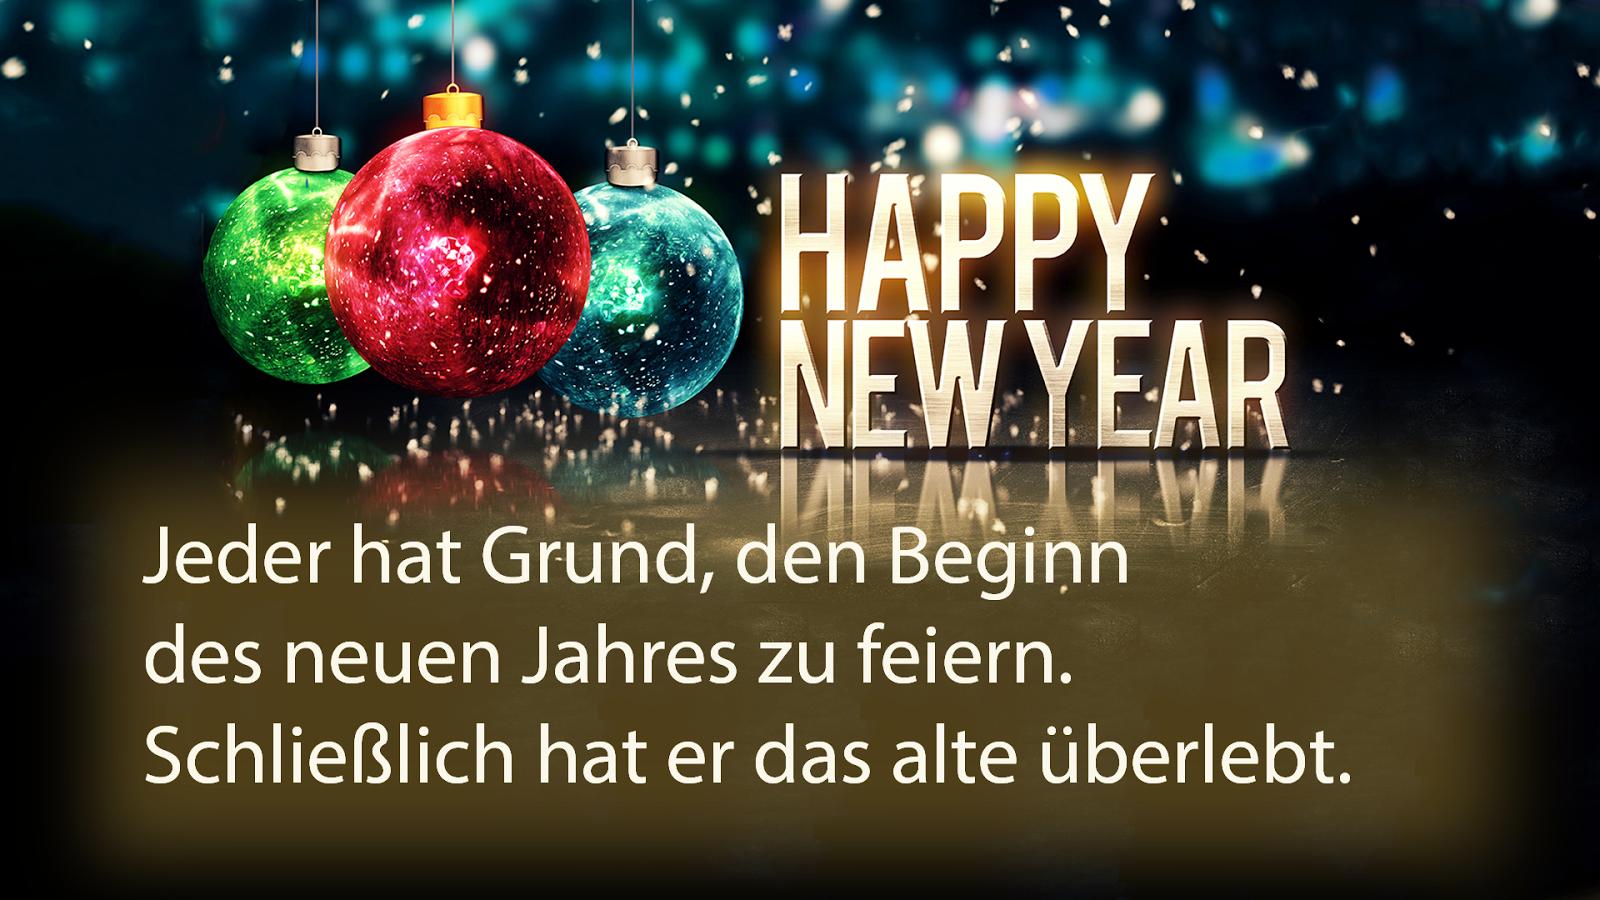 Neujahrswünsche 2018 Whatsapp Bilder